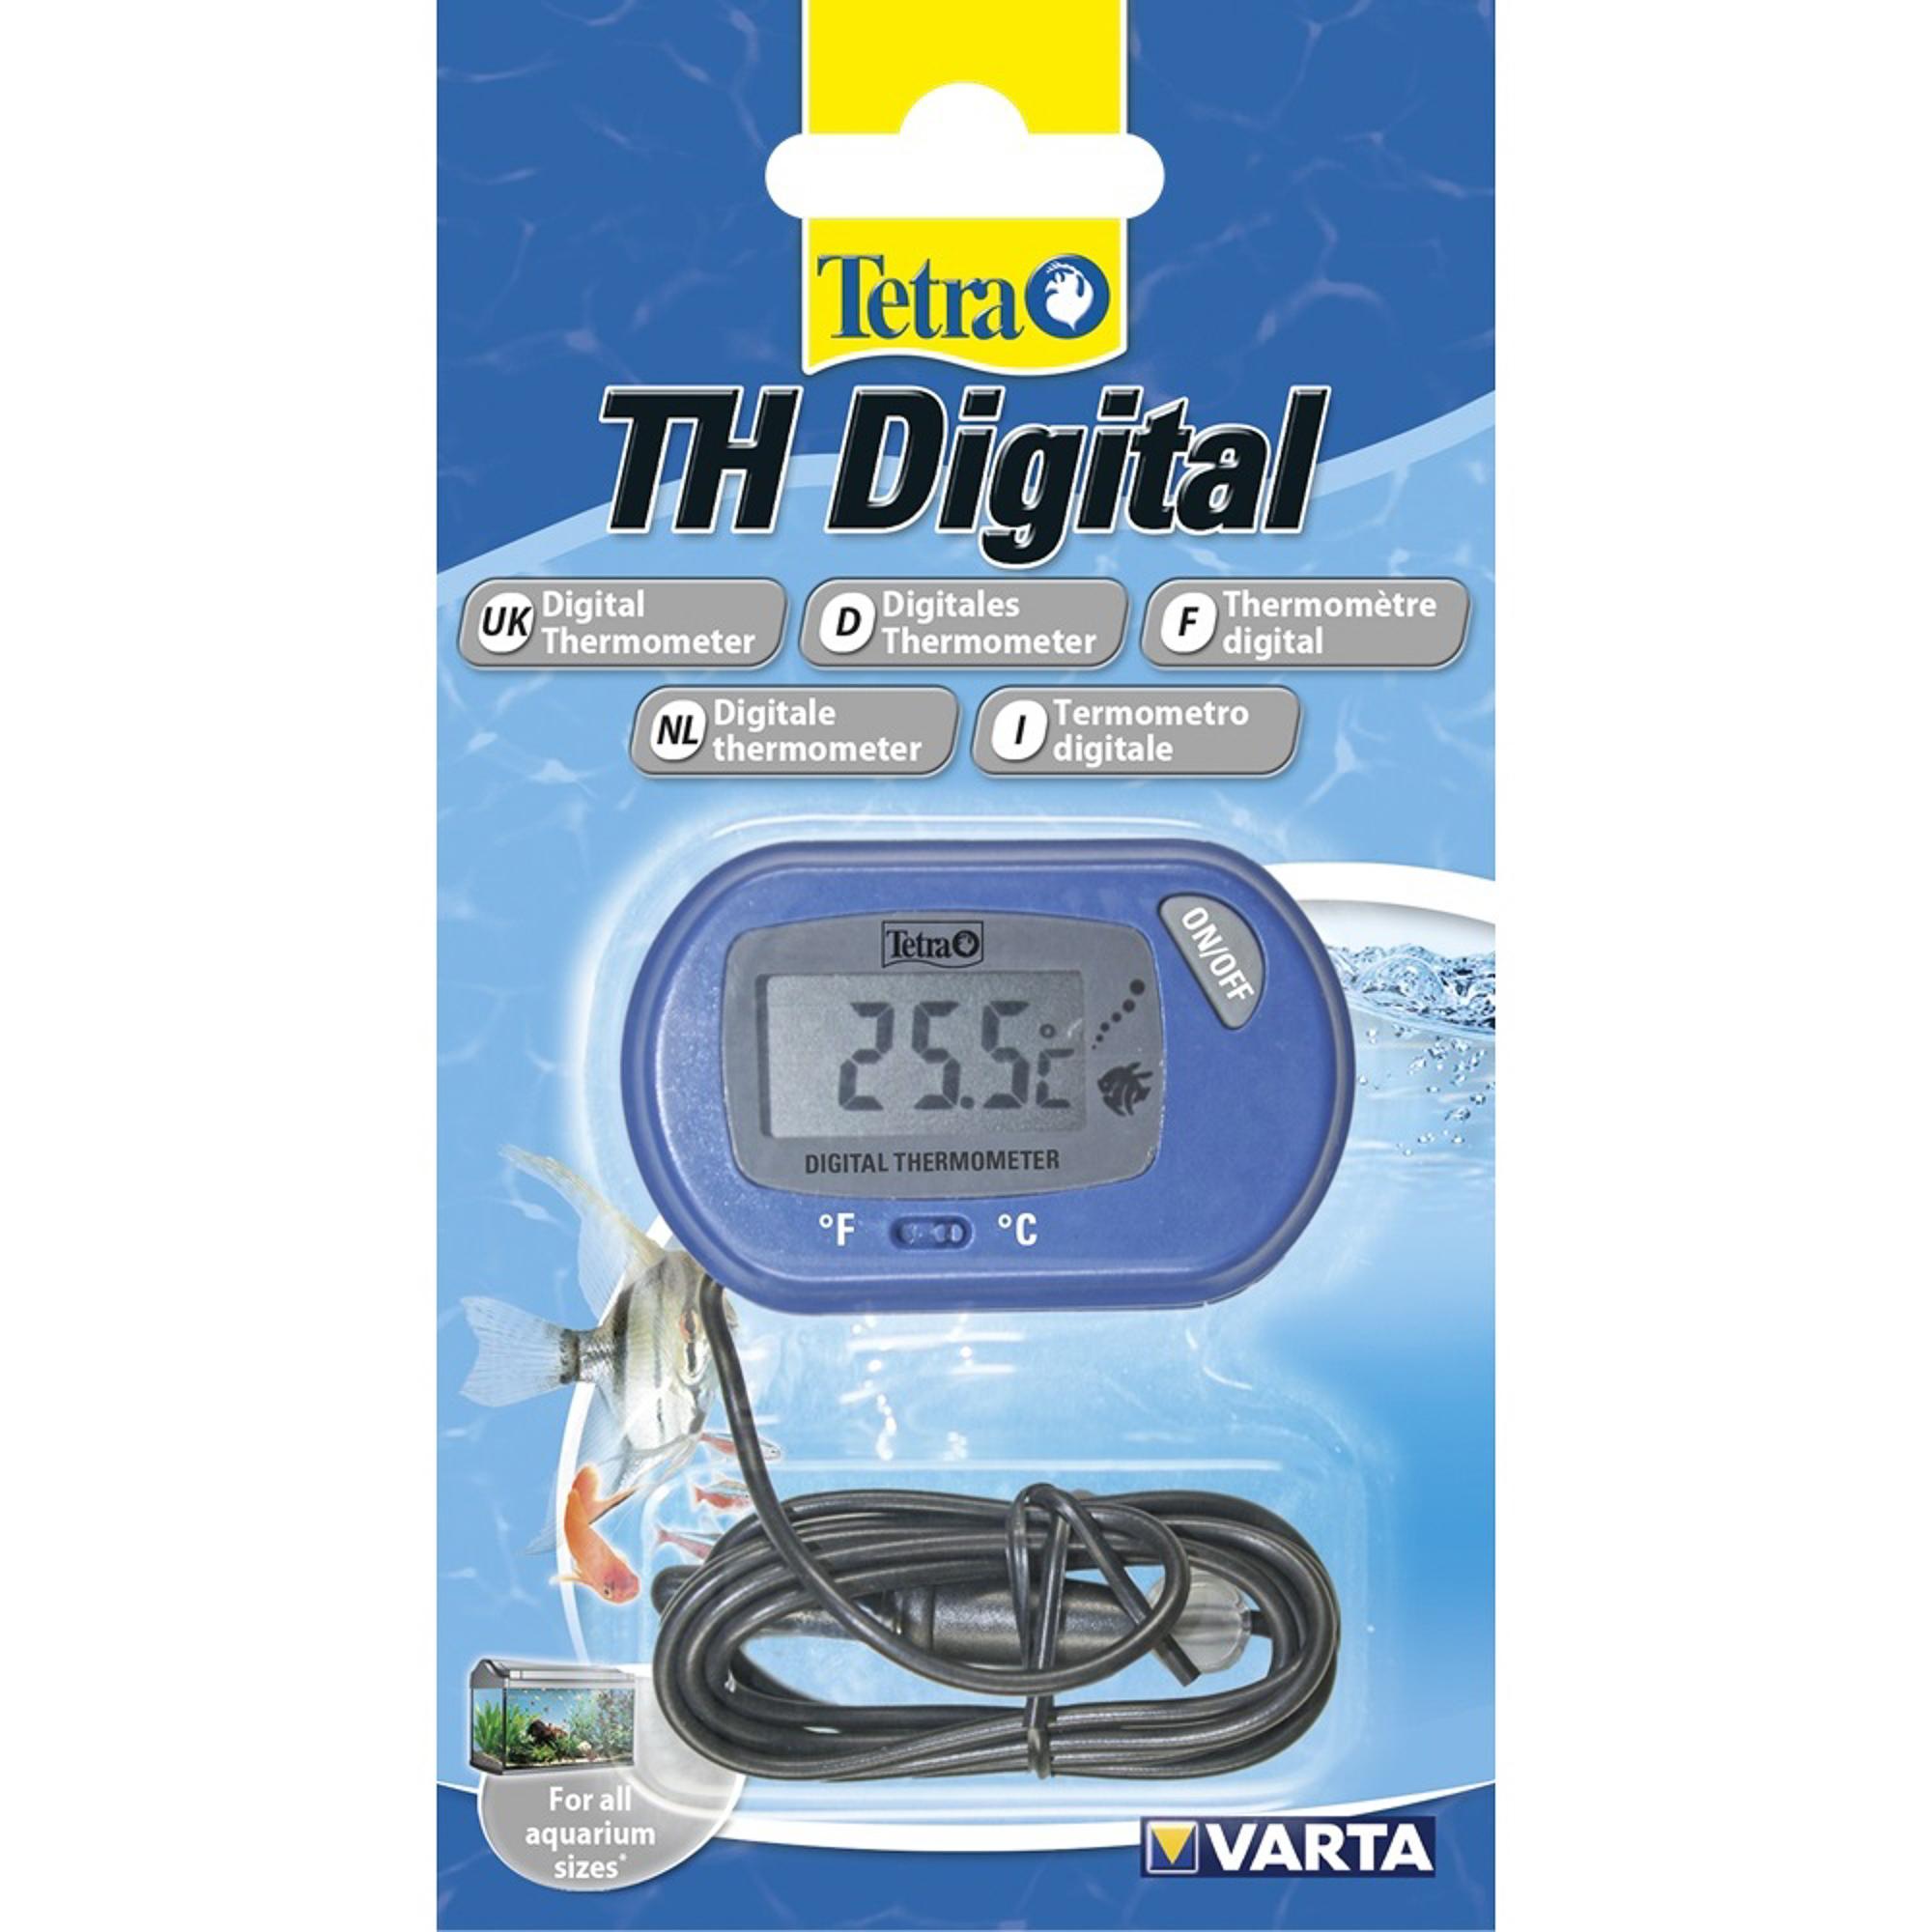 Купить Термометр для аквариумов TETRA TH Digital, термометр, Китай, синий, пластик